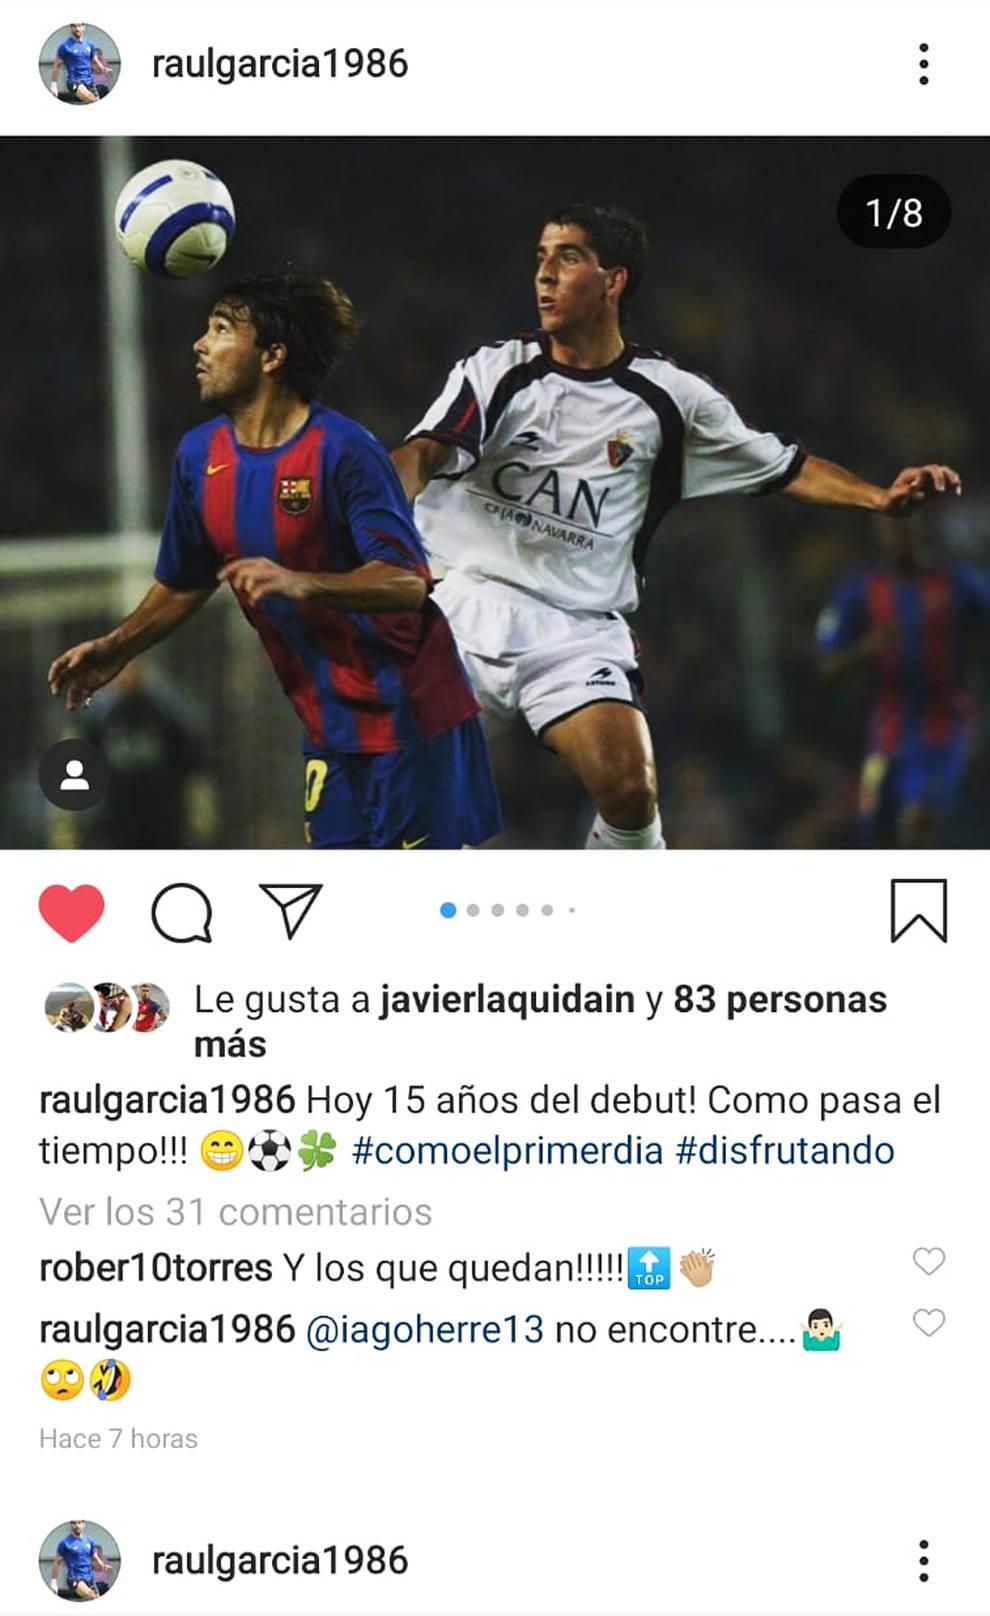 Raúl García rememora su debut con Osasuna hace 15 años